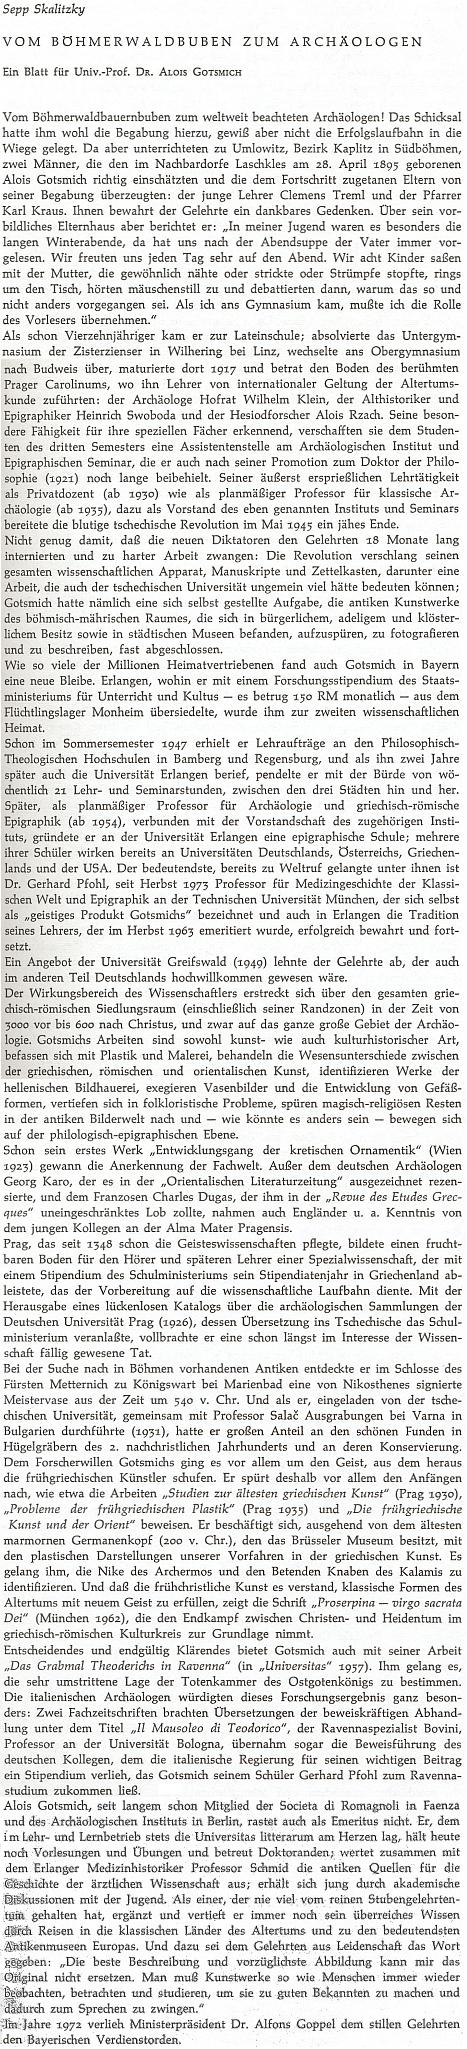 Sepp Skalitzky napsal do Sudetoněmeckého kulturního almanachu ke Gotsmichově poctě i tento působivý  příběh šumavslého chlapce, který sestal slavným archeologem